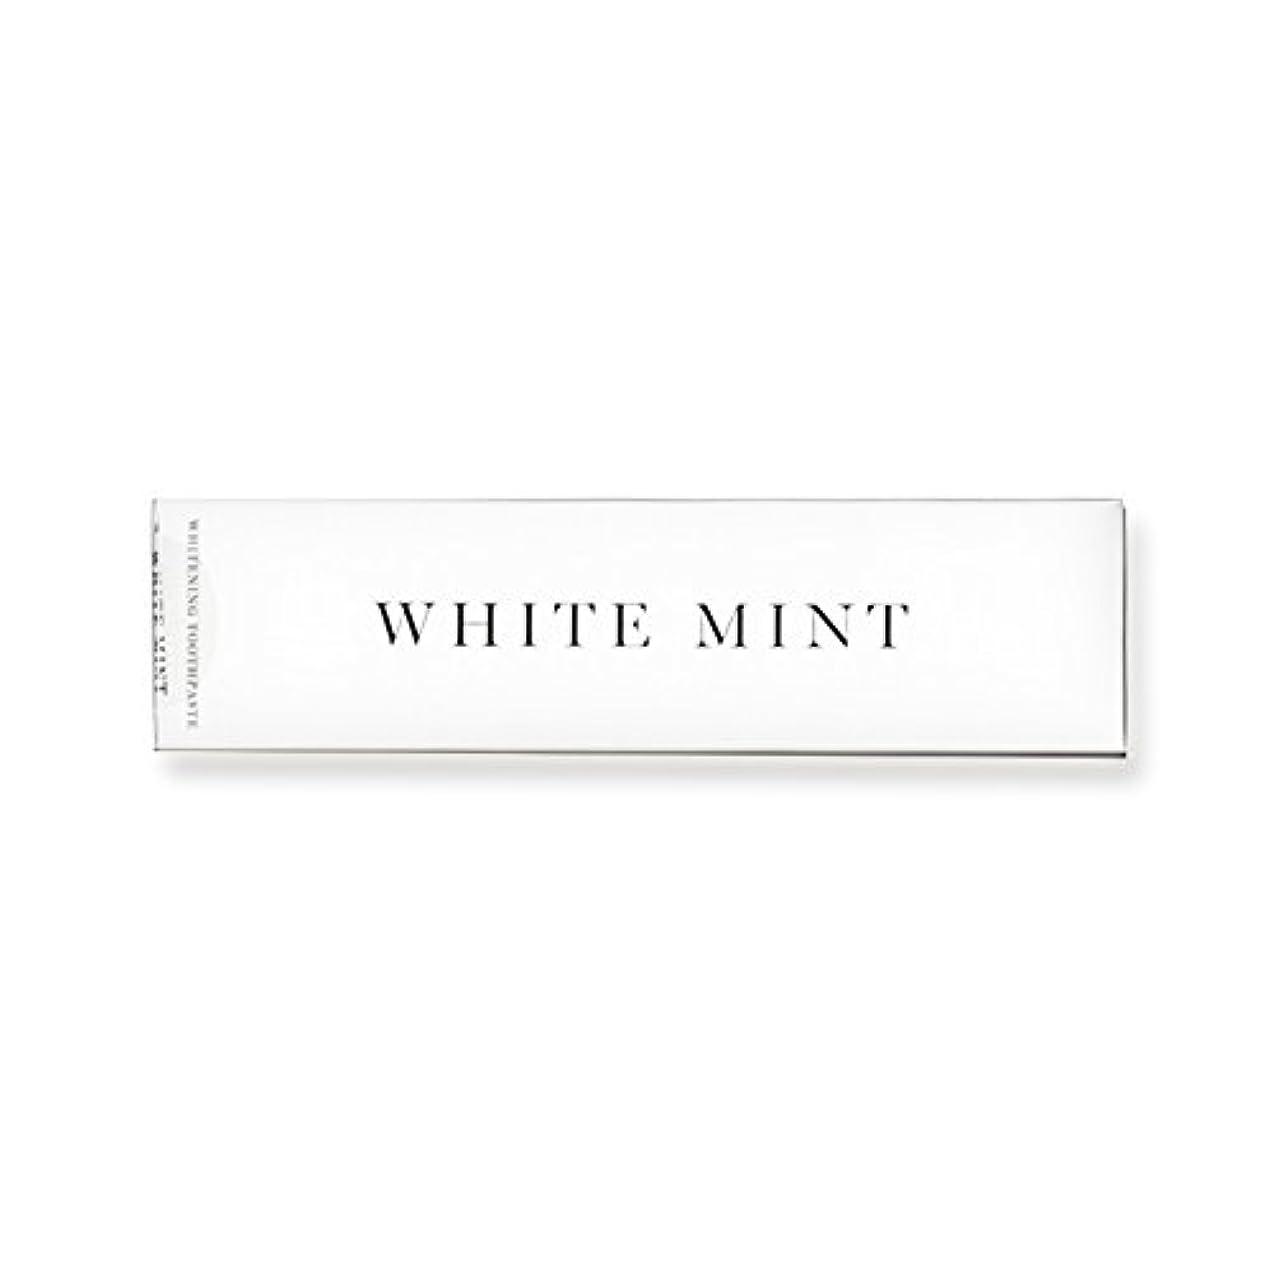 処分したむしゃむしゃ離れたホワイトミント 130g (旧シルクホワイト)